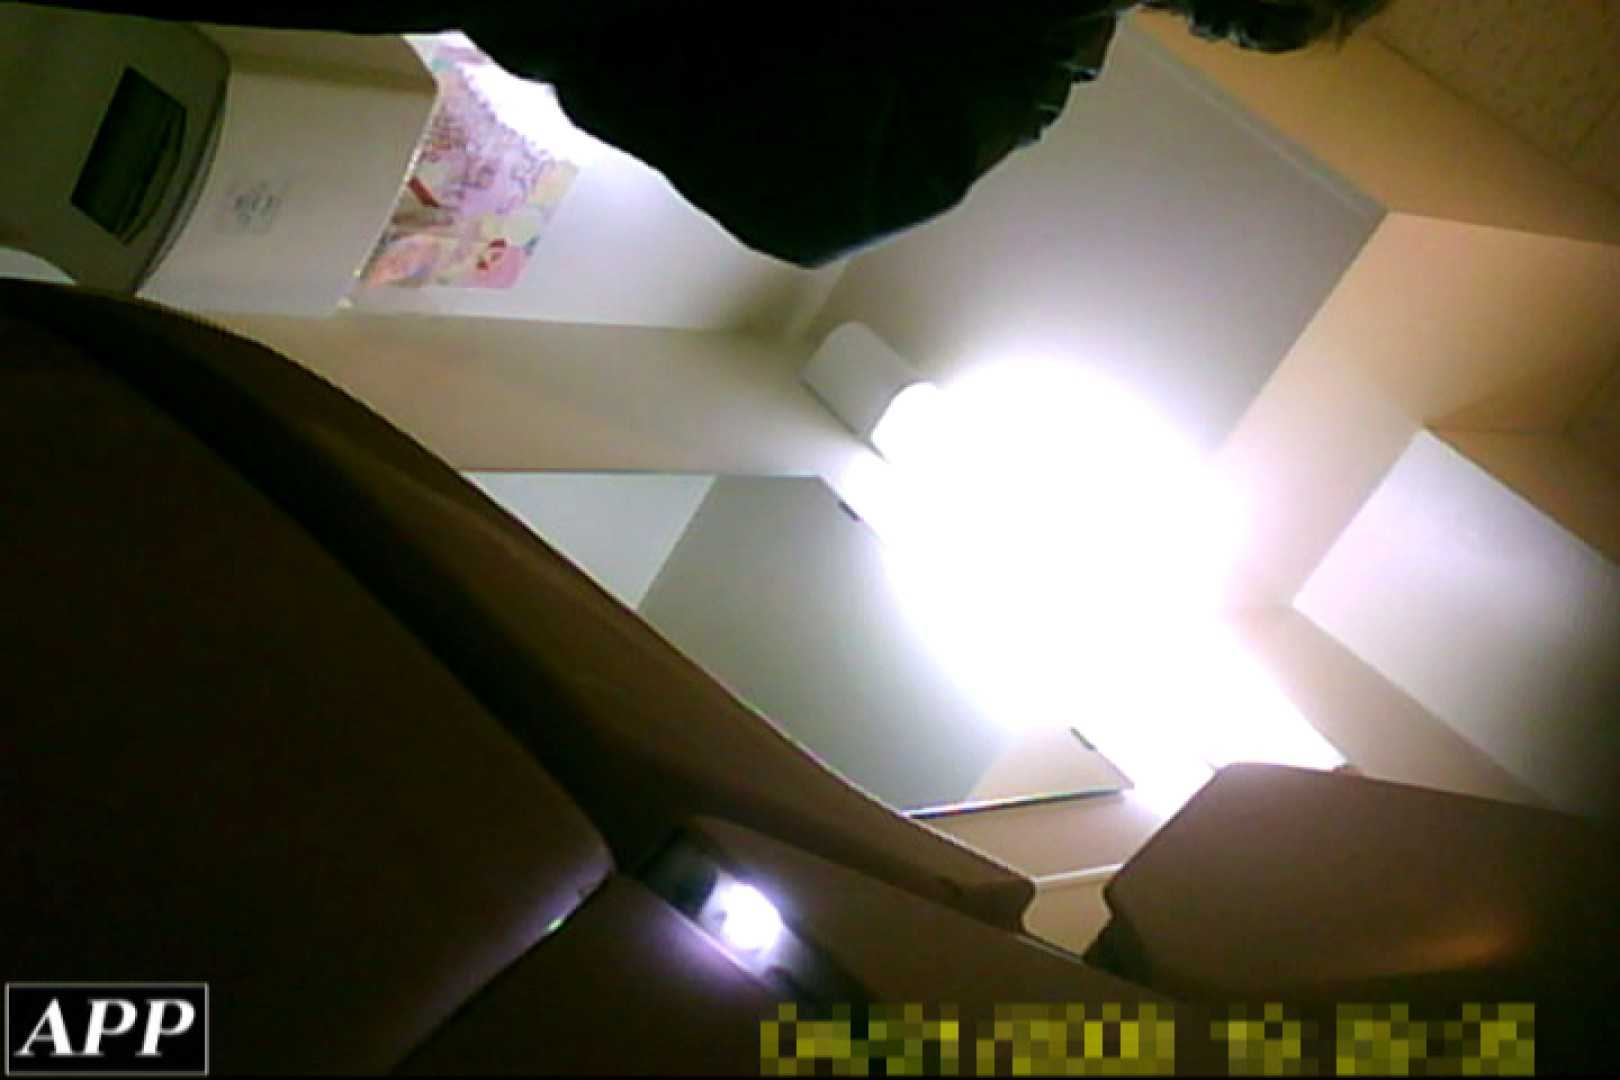 3視点洗面所 vol.057 洗面所はめどり  77画像 56